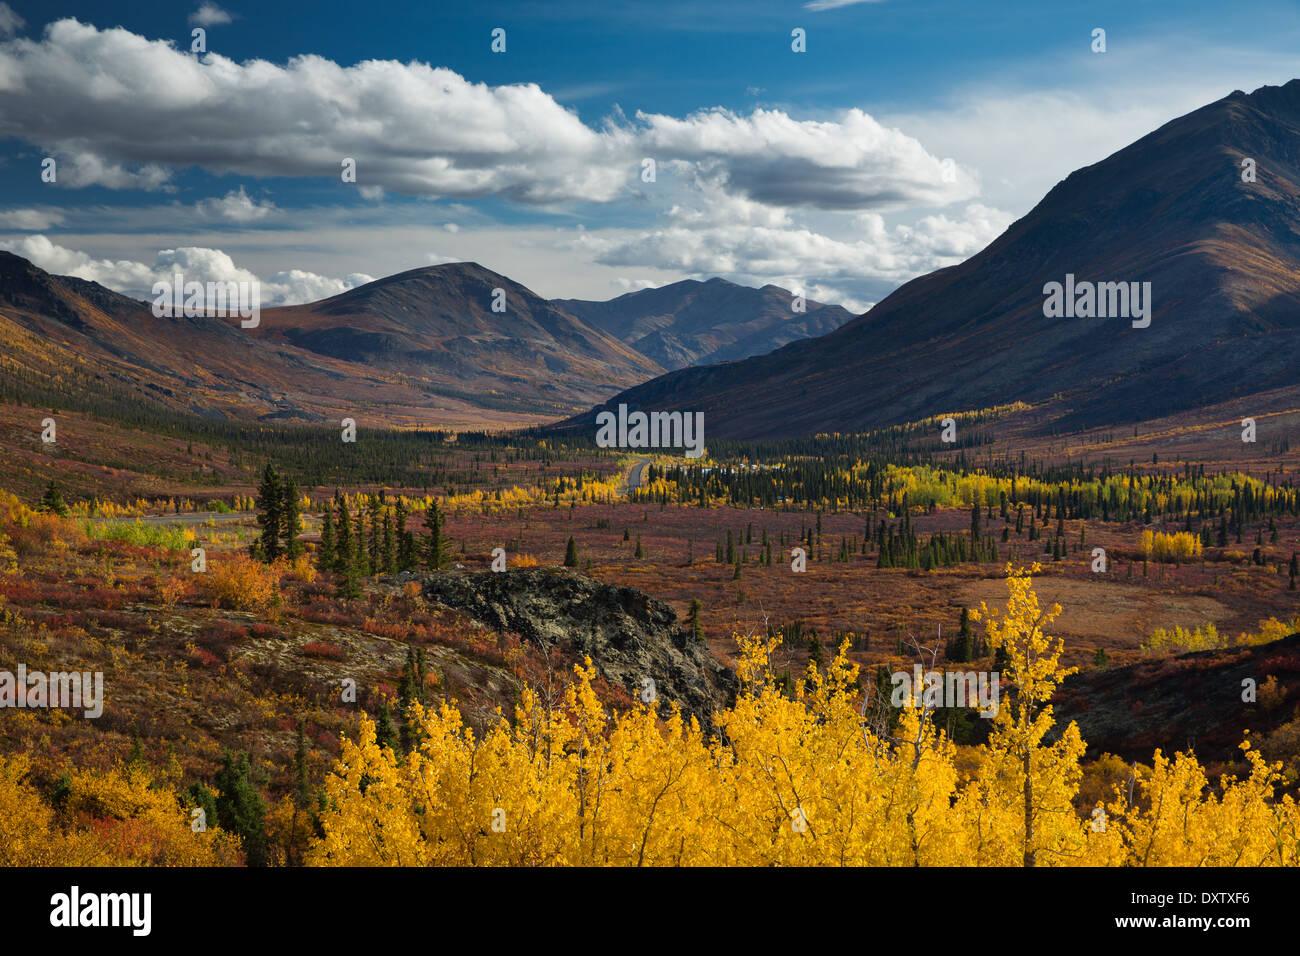 La gamme prospecteur dans le parc territorial Tombstone, sur la route Dempster, au Yukon, Canada Photo Stock